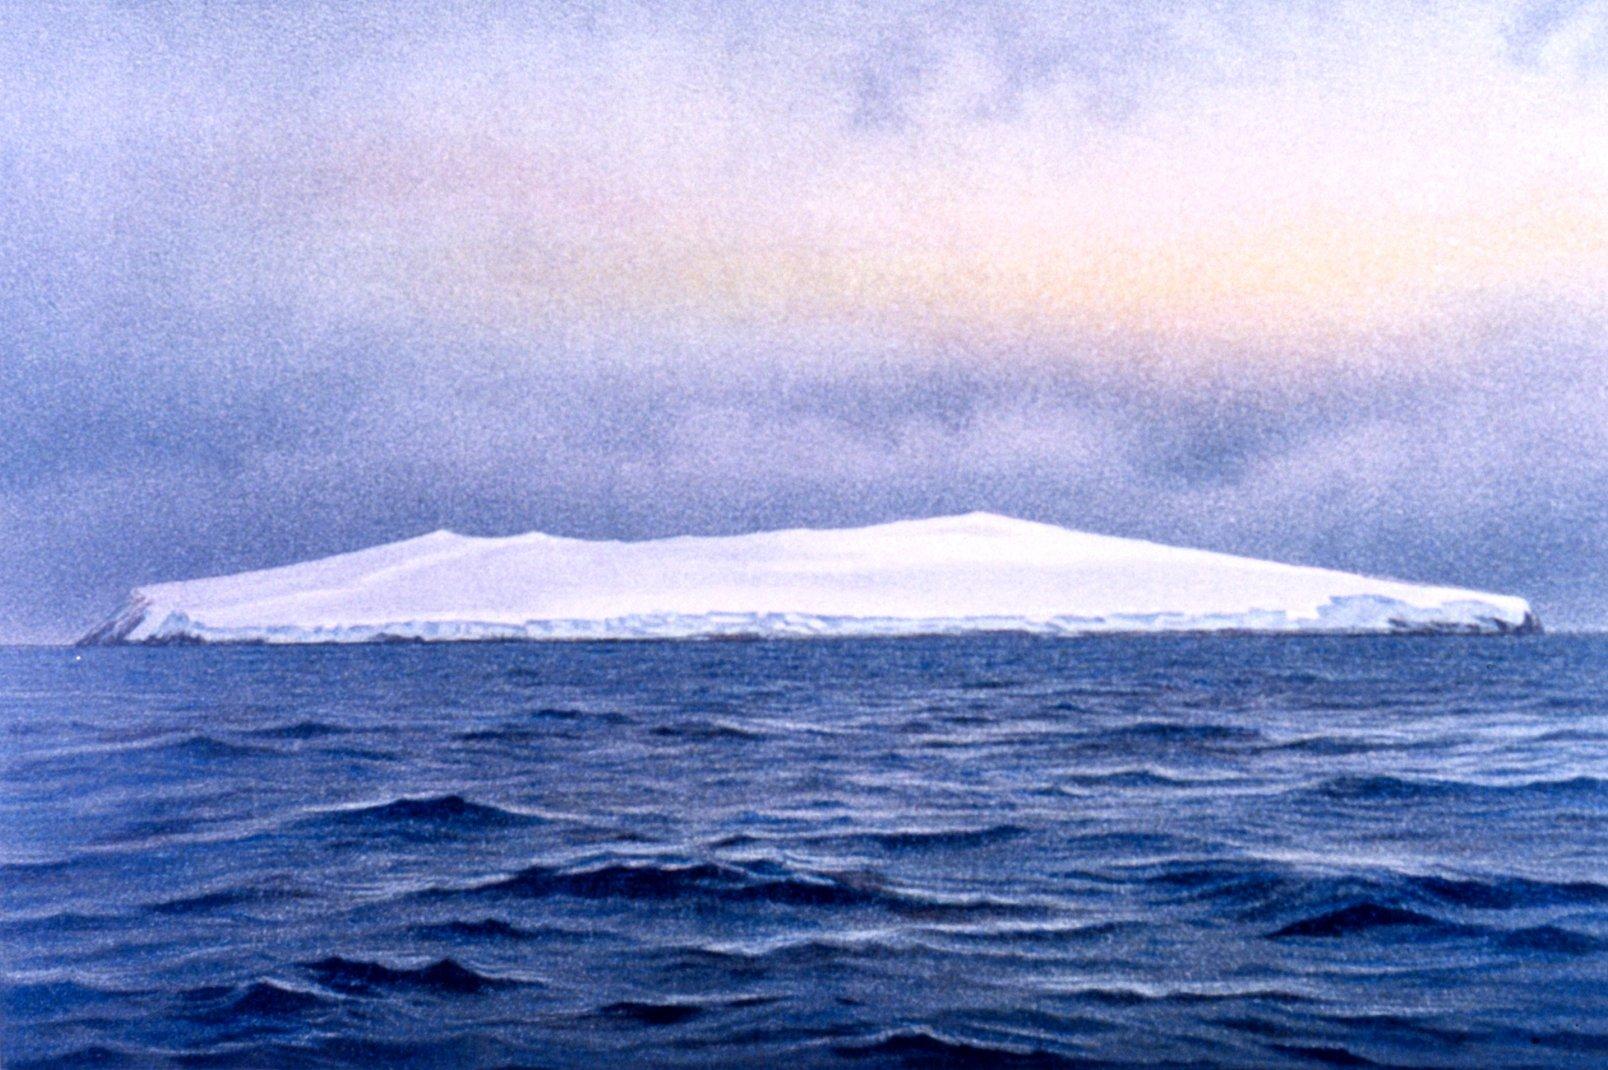 Egy kétségkívül létező, habár igen kopár sziget (fotó: Wikipedia)